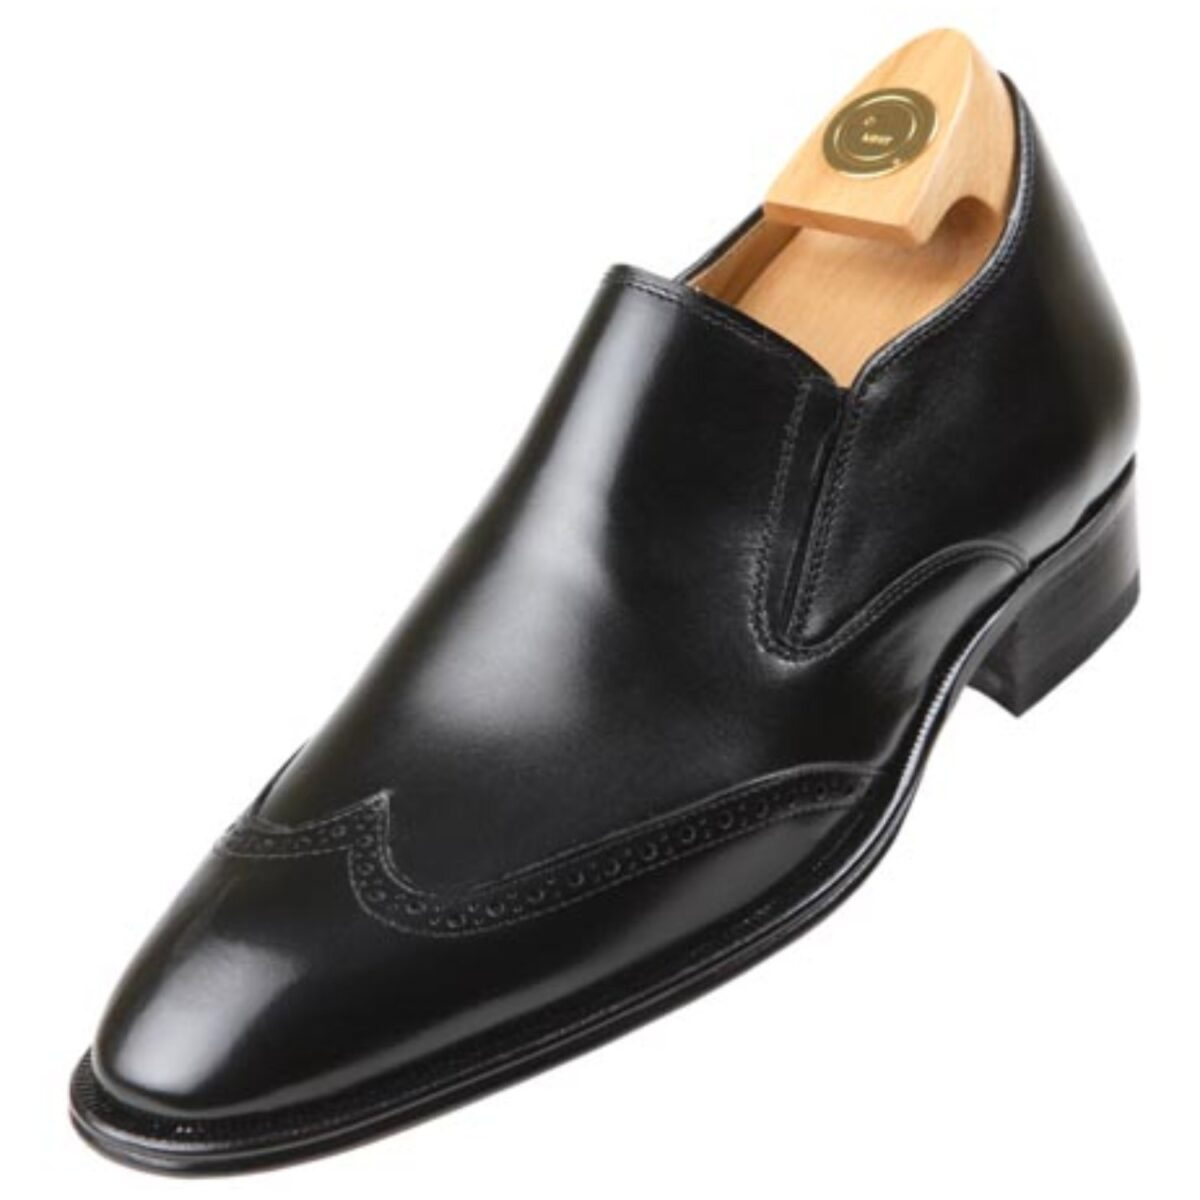 Zapatos con Alzas modelo 8605 NP - HiPlus